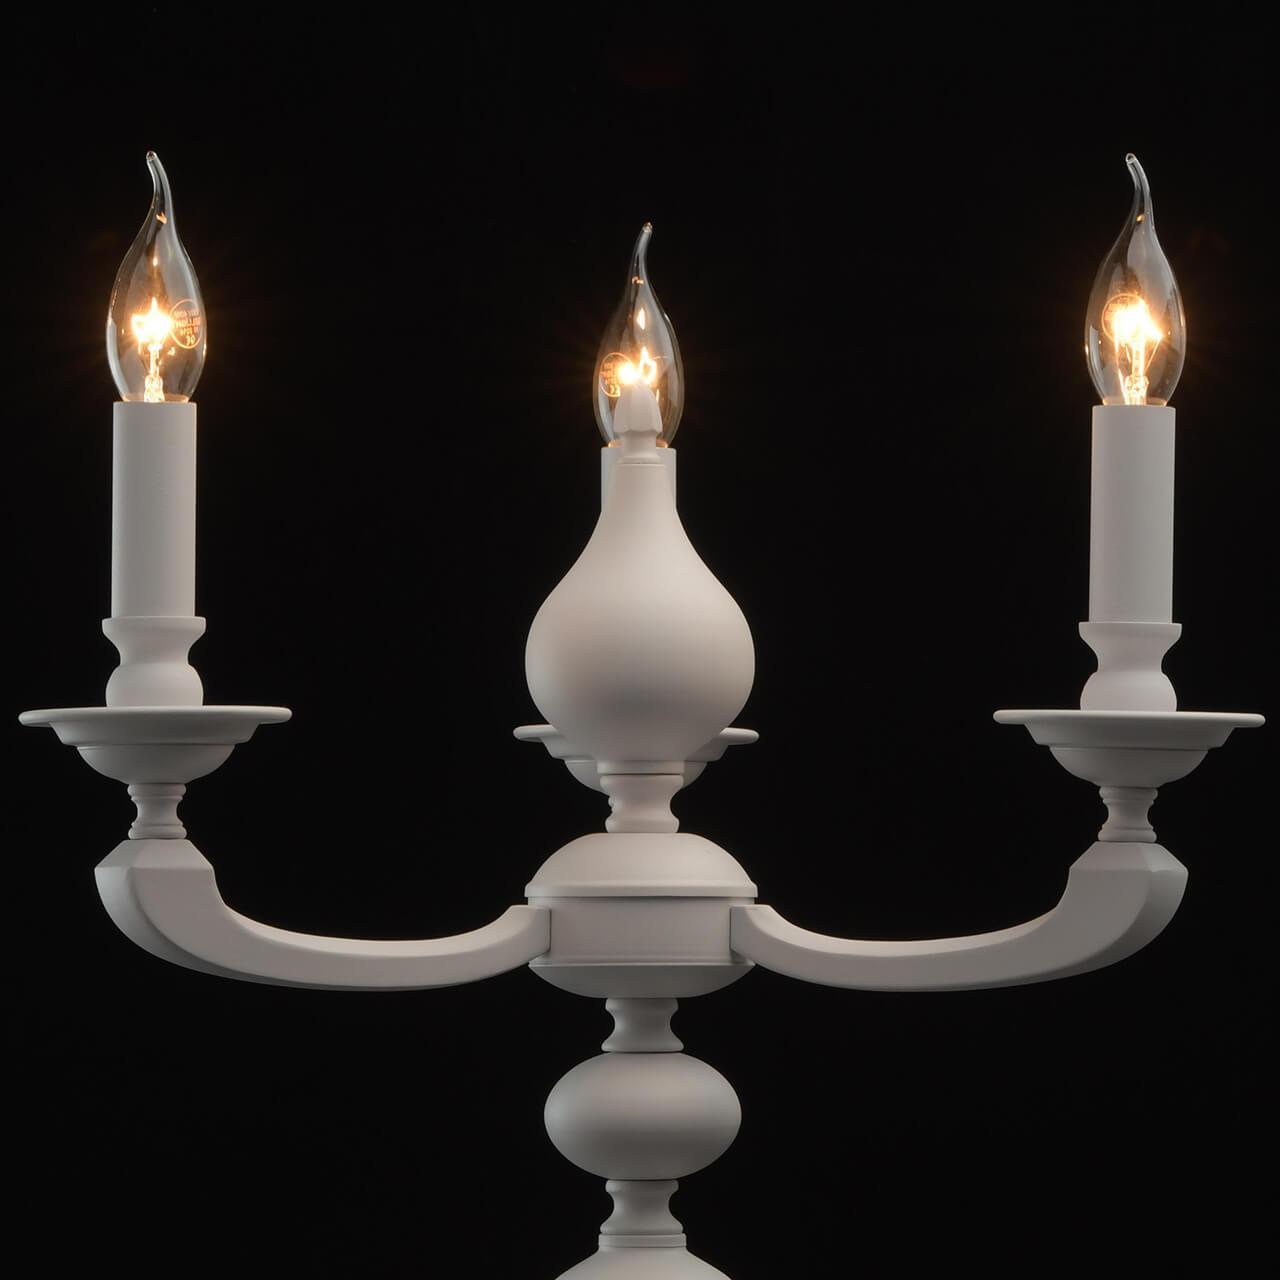 Настольная лампа MW-Light Дэль Рей 6 700031803 настольная лампа mw light дэль рей 6 700031803